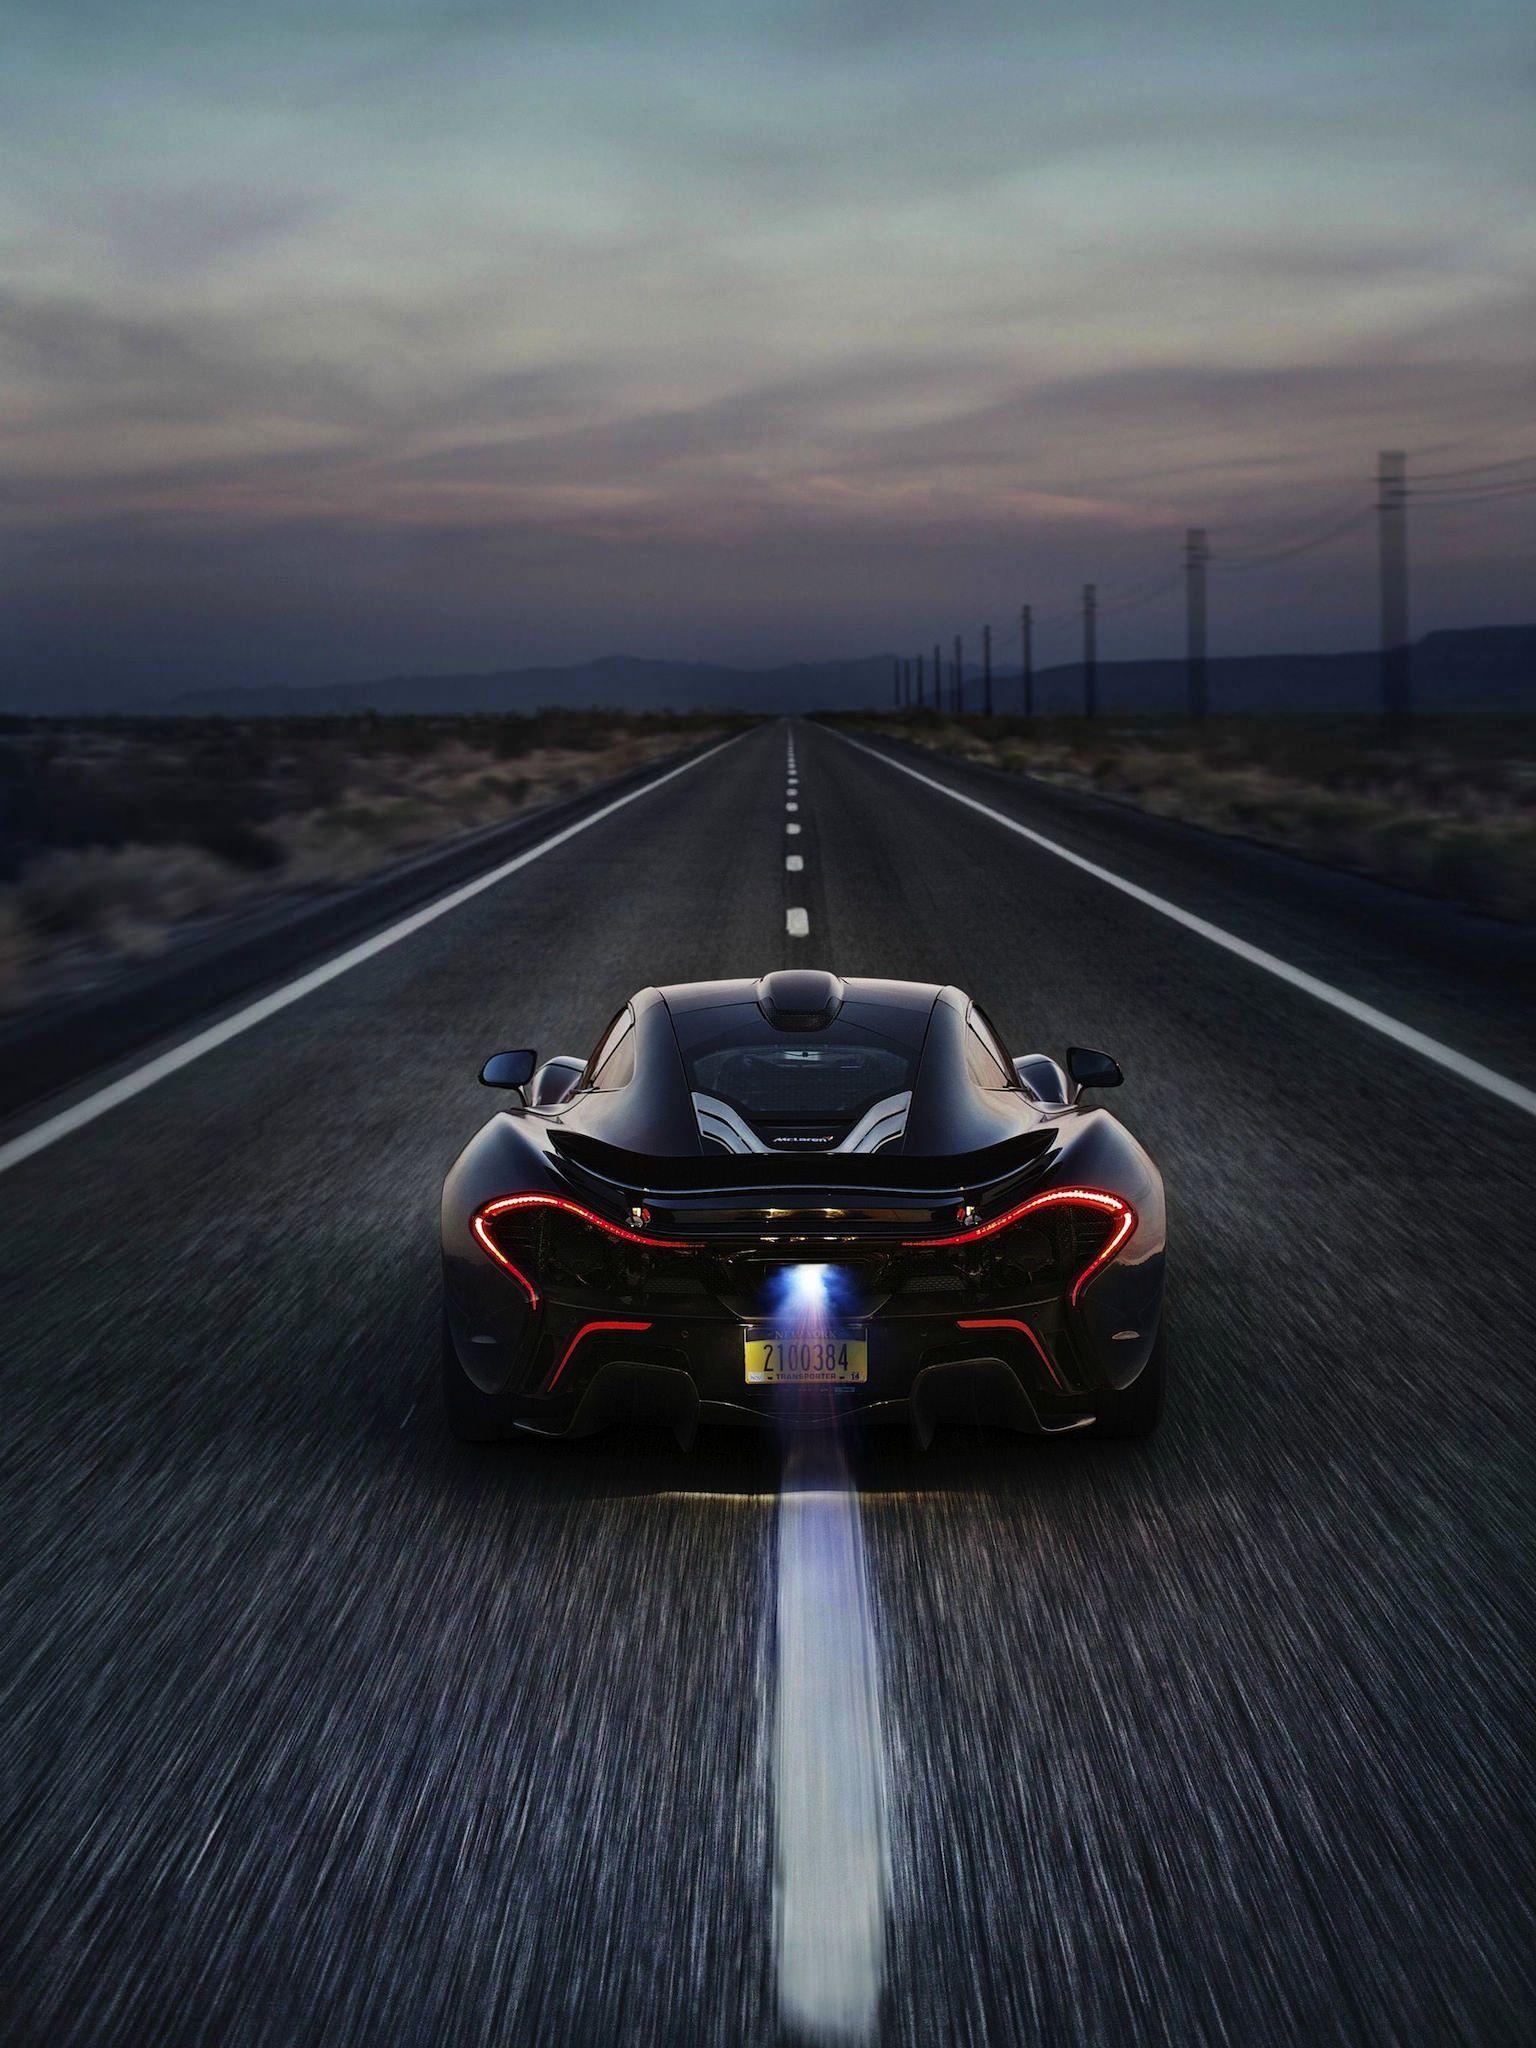 McLaren P1 HD Wallpaper   Car wallpapers, Mclaren p1 ...